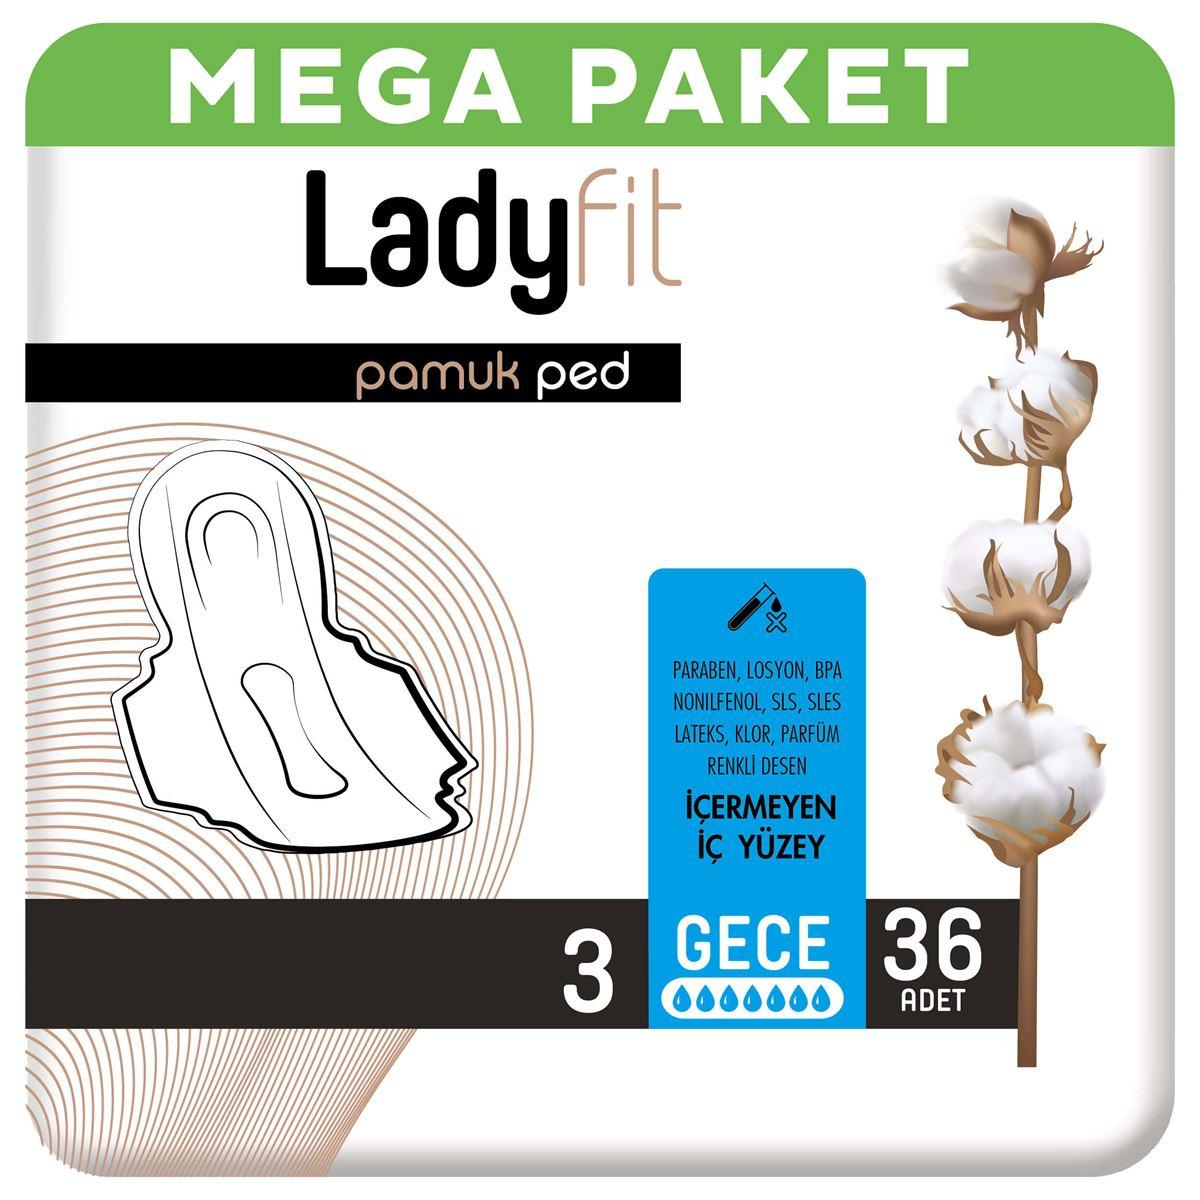 Ladyfit Pamuk Ped Mega Gece 36 Ped